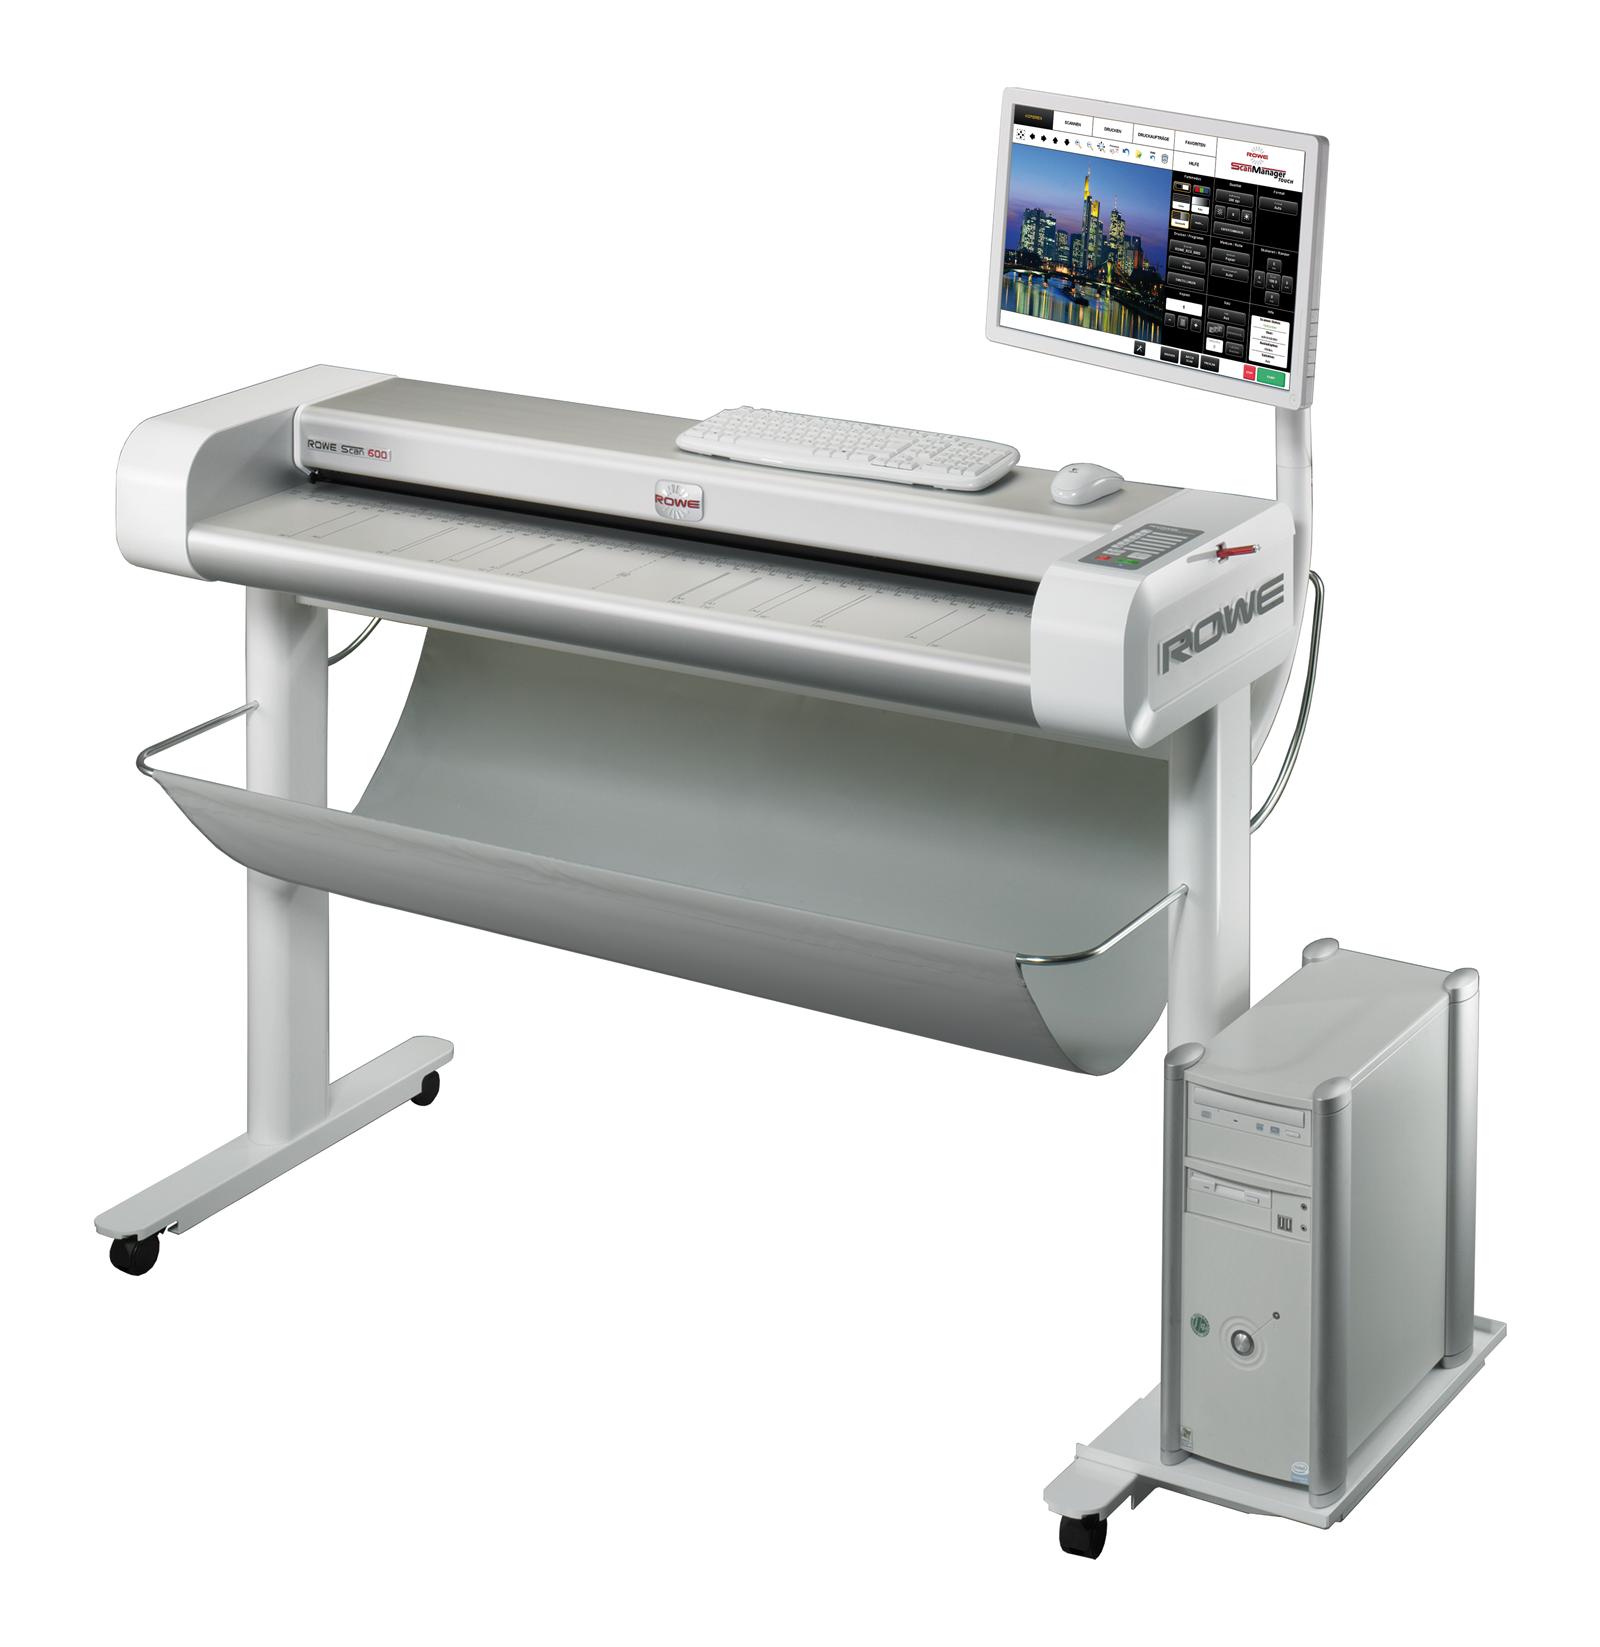 Широкоформатный сканер ROWE Scan 650i-44″ HA